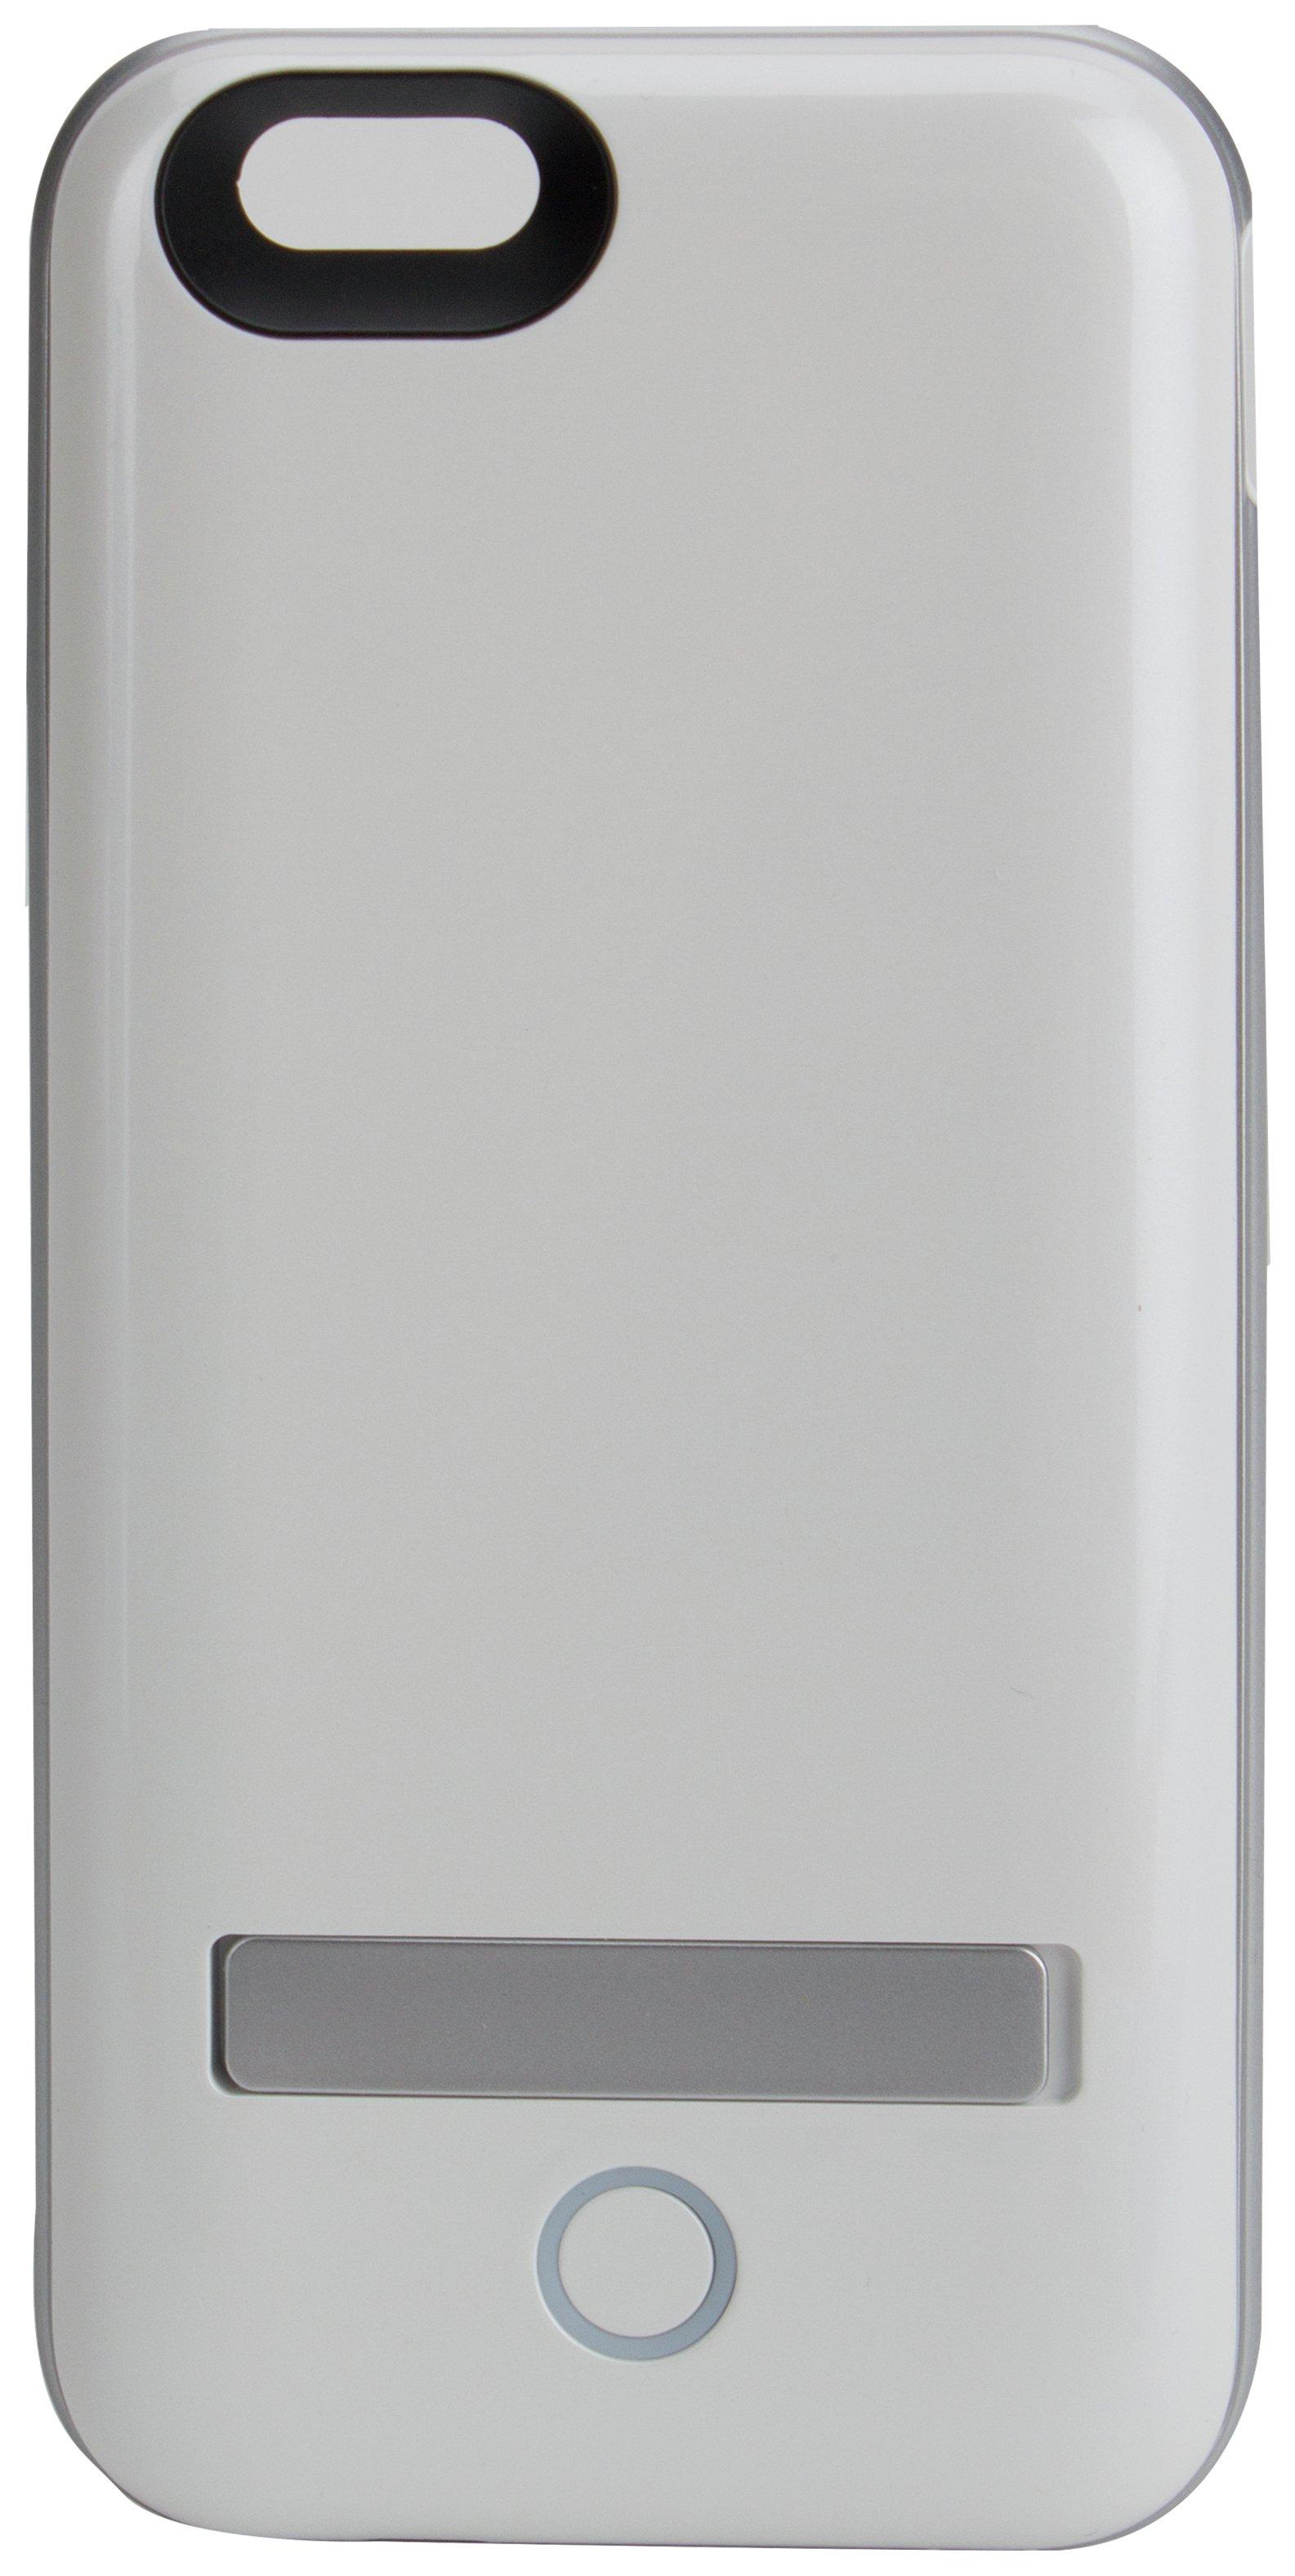 Odoyo Odoyo Power 3000 mAh iPhone 6 Stand - White